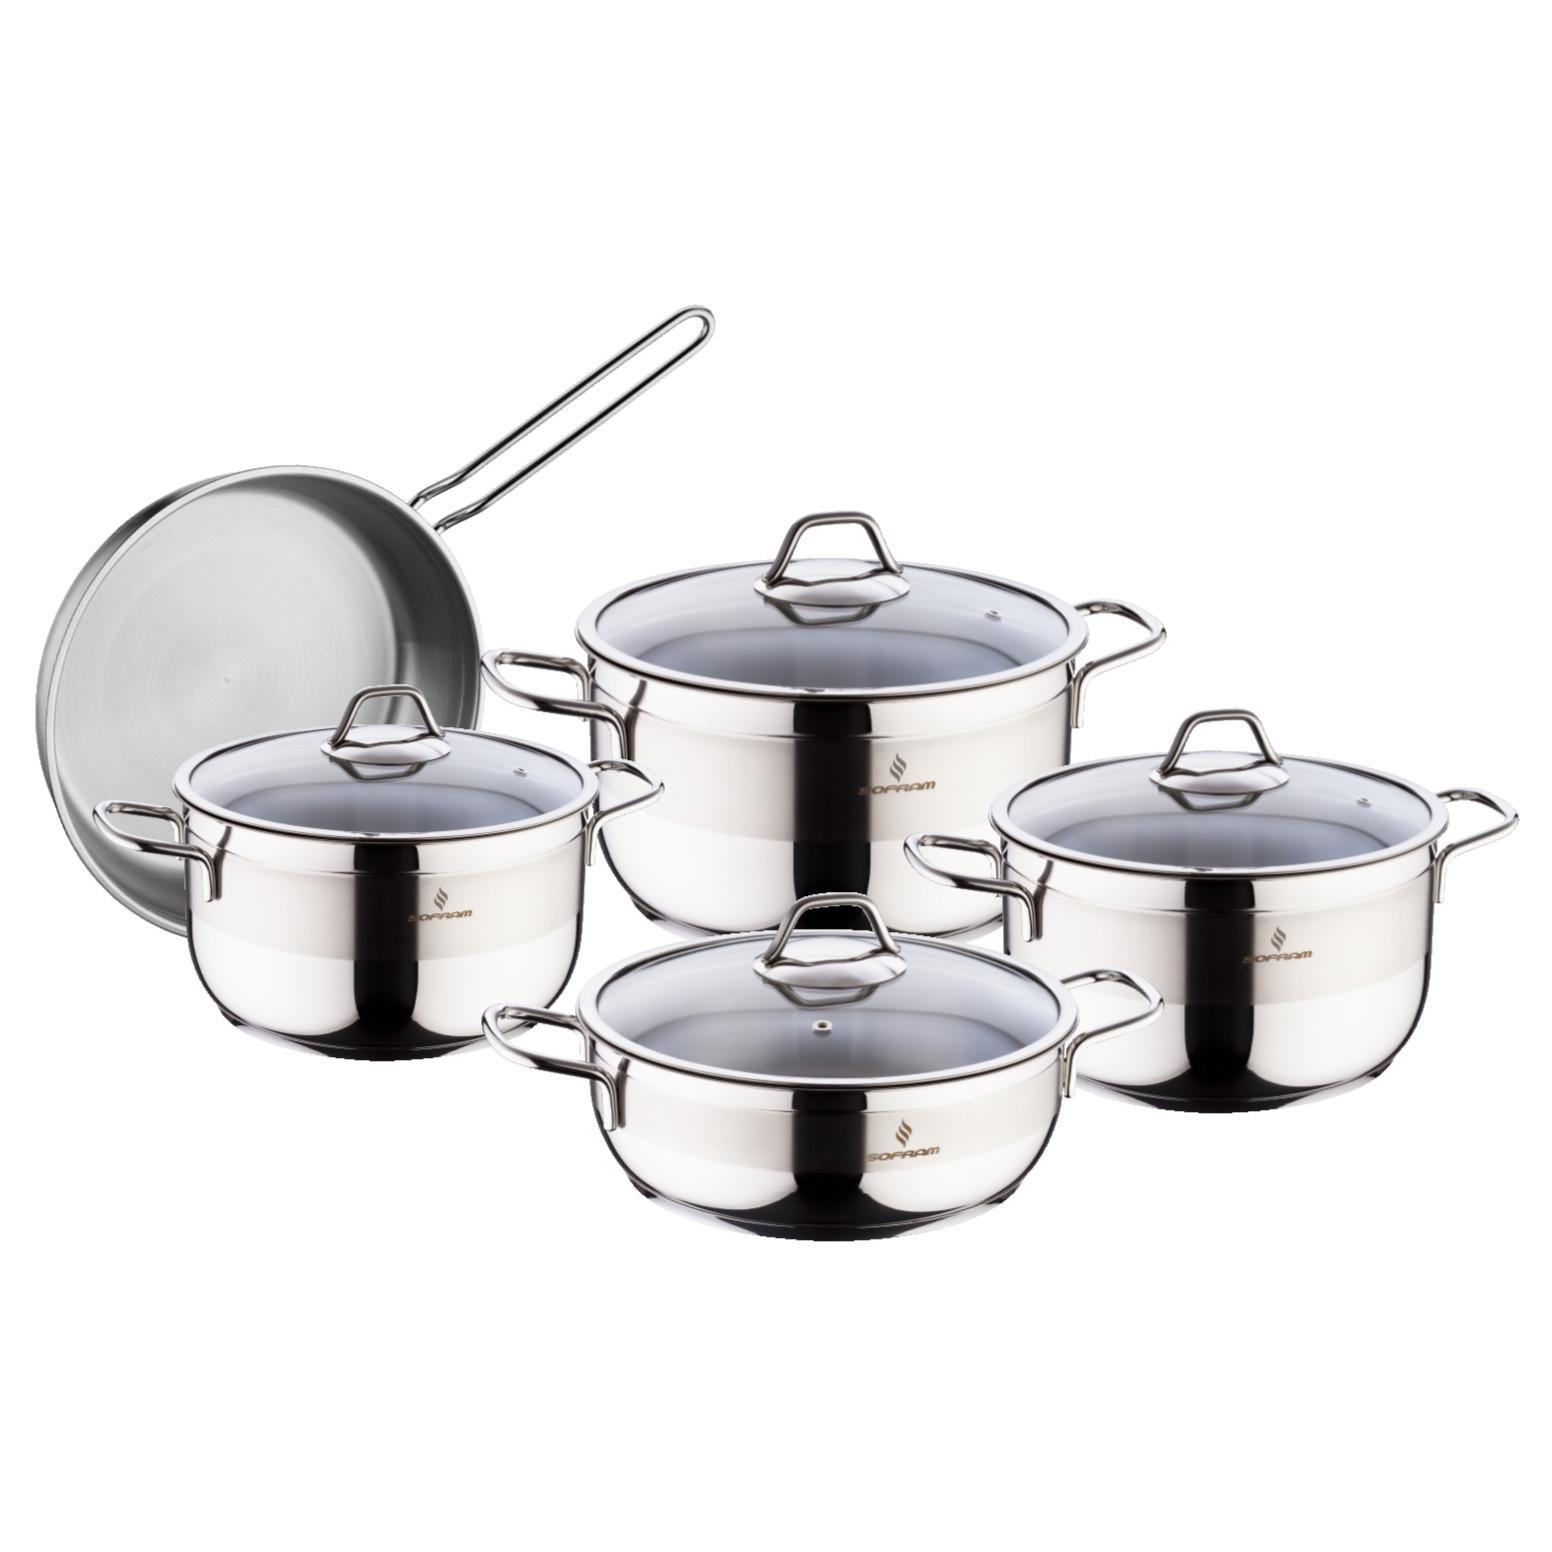 Sofram SOFT 9 Pieces Cookware Set